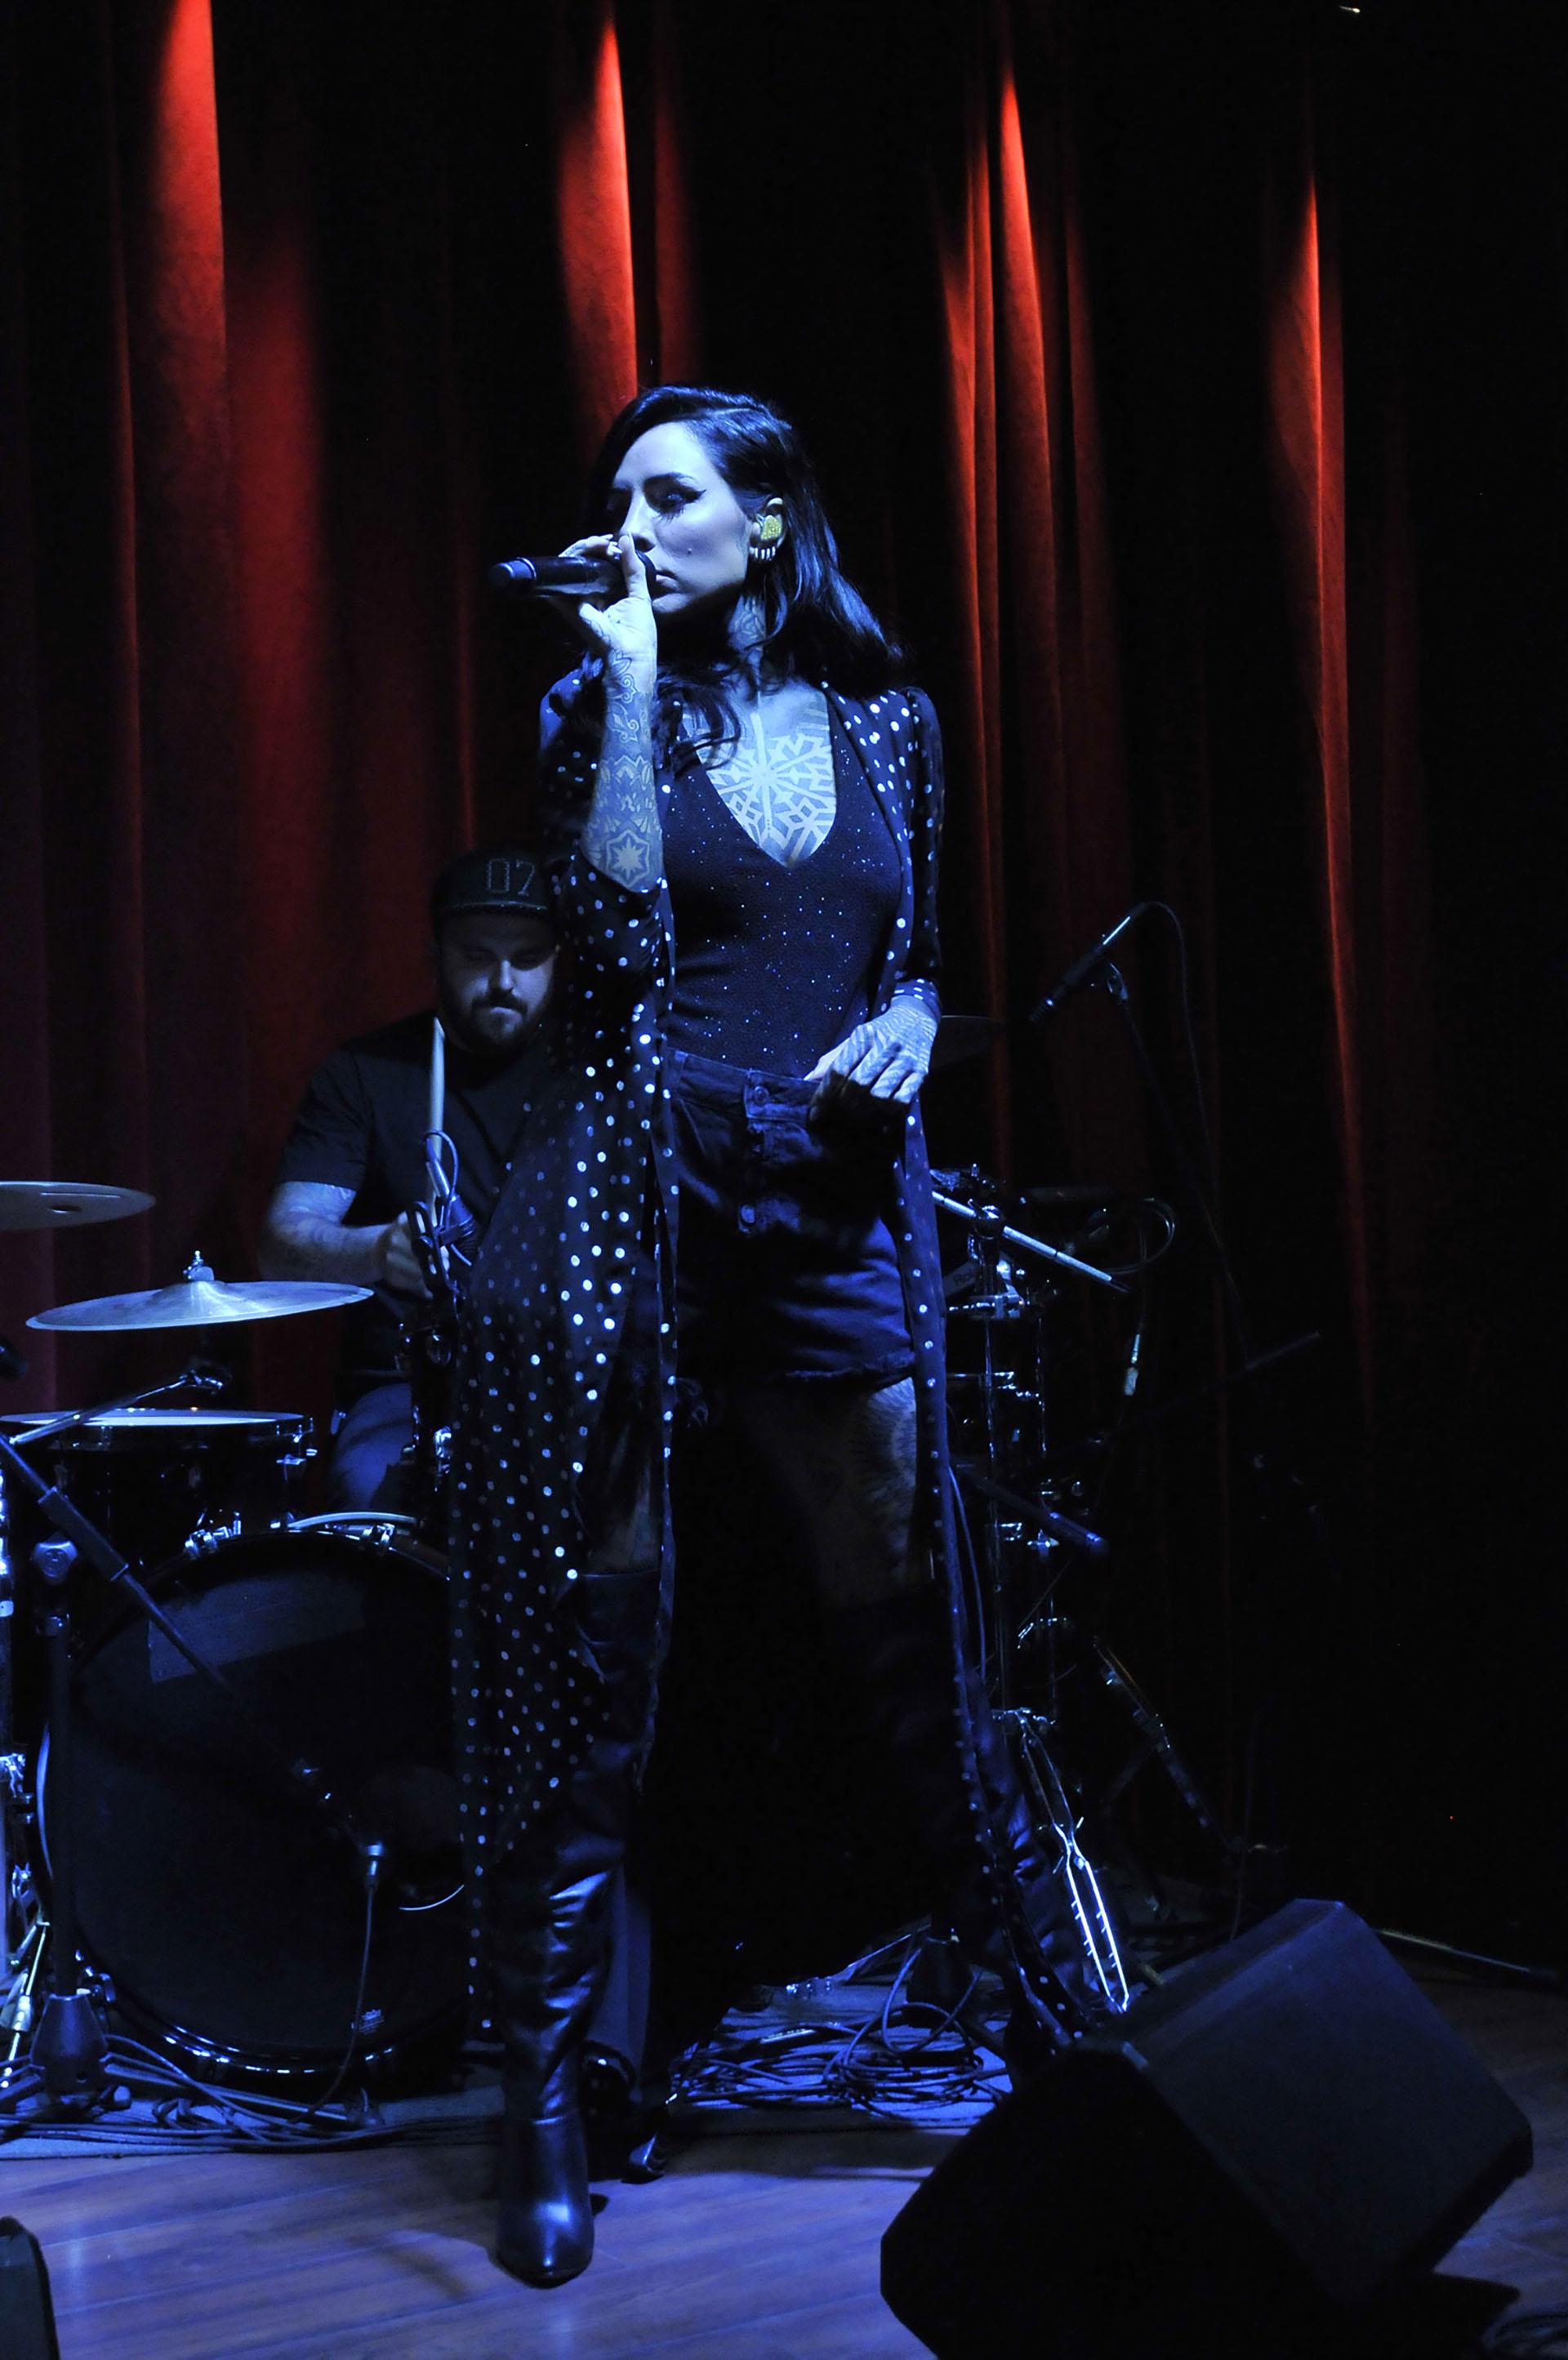 Este sábado, la cantante se presenta en el Lollapalooza